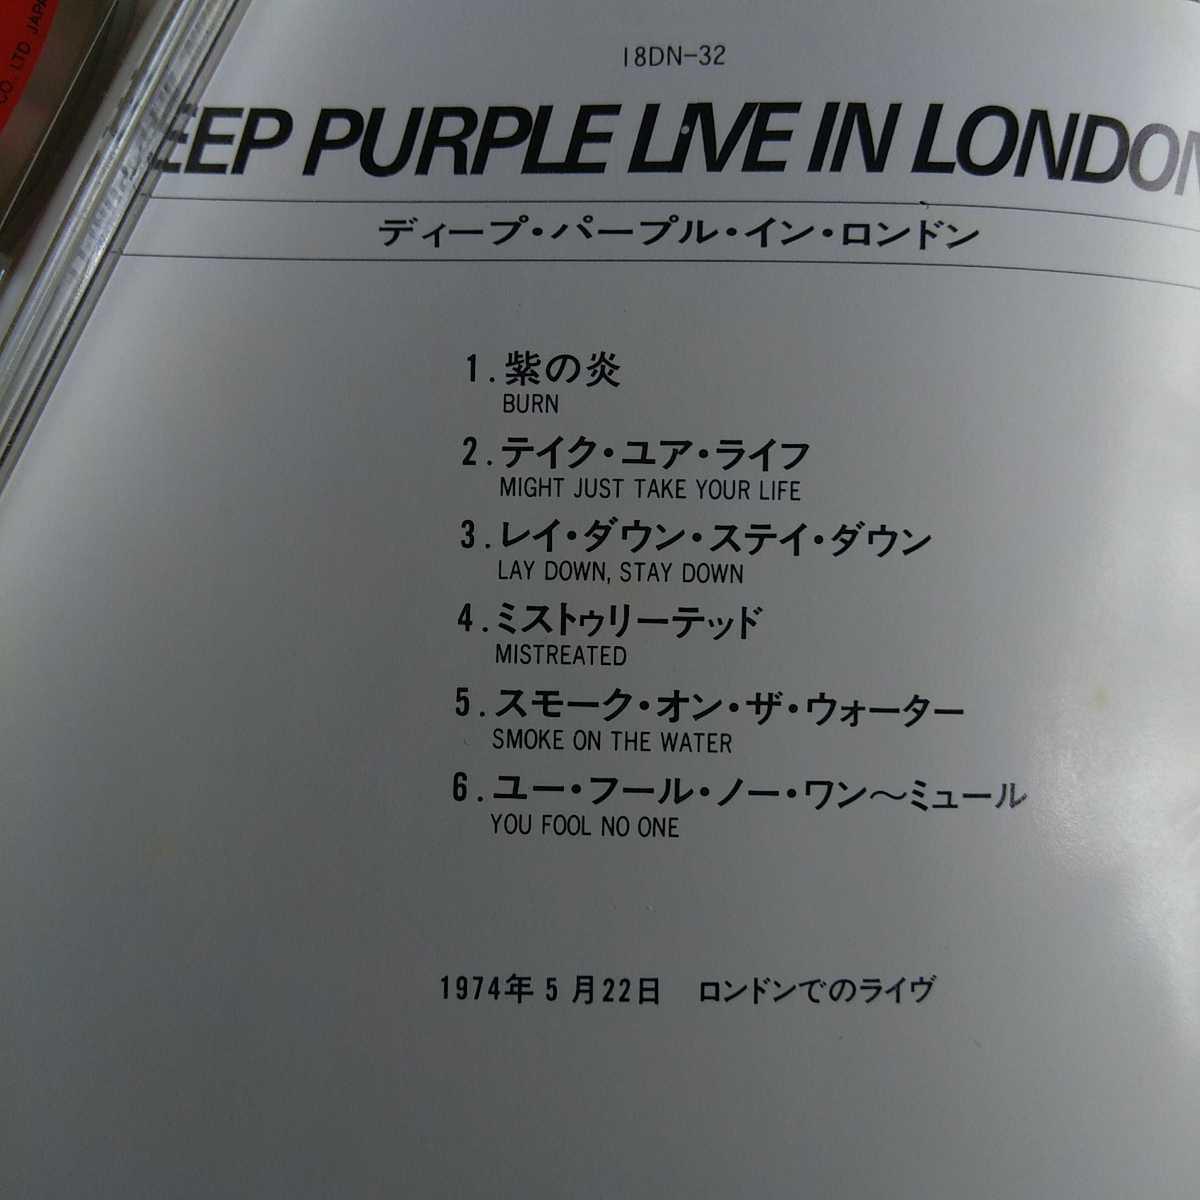 ディープ・パープル / ライブ・イン・ロンドン 日本盤 DEEP PURPLE